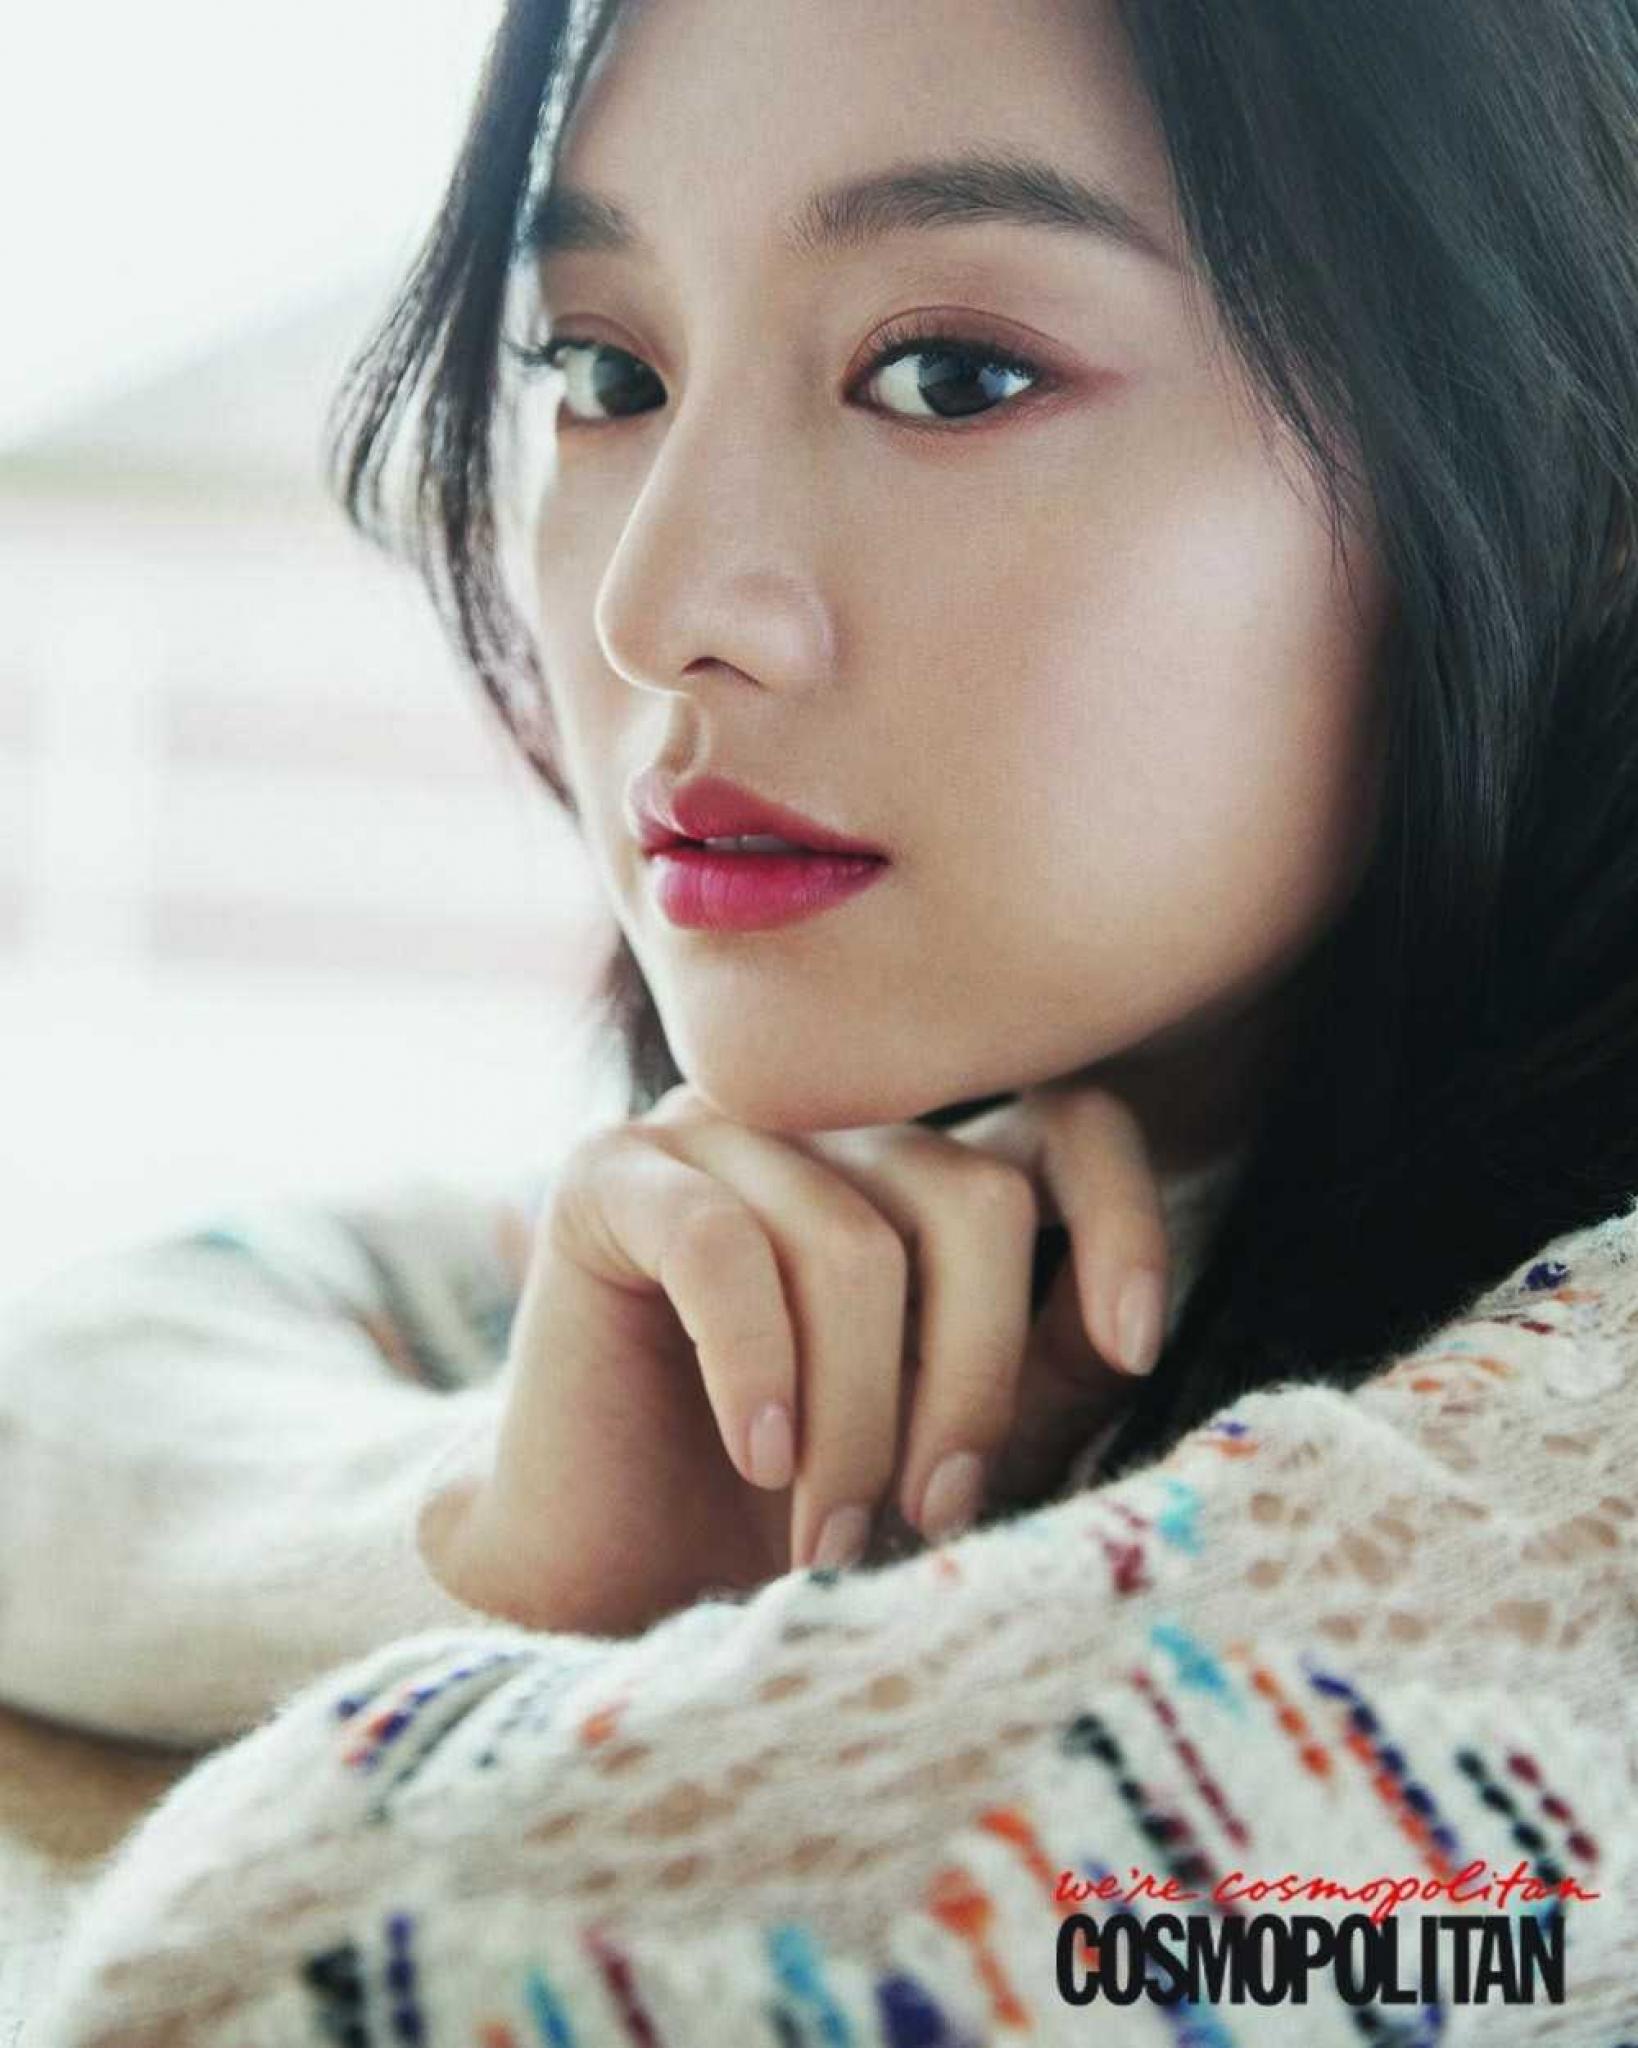 ИНТЕРВЬЮ] Ким Джи Вон для февральского выпуска Cosmopolitan 2018 - K-POP